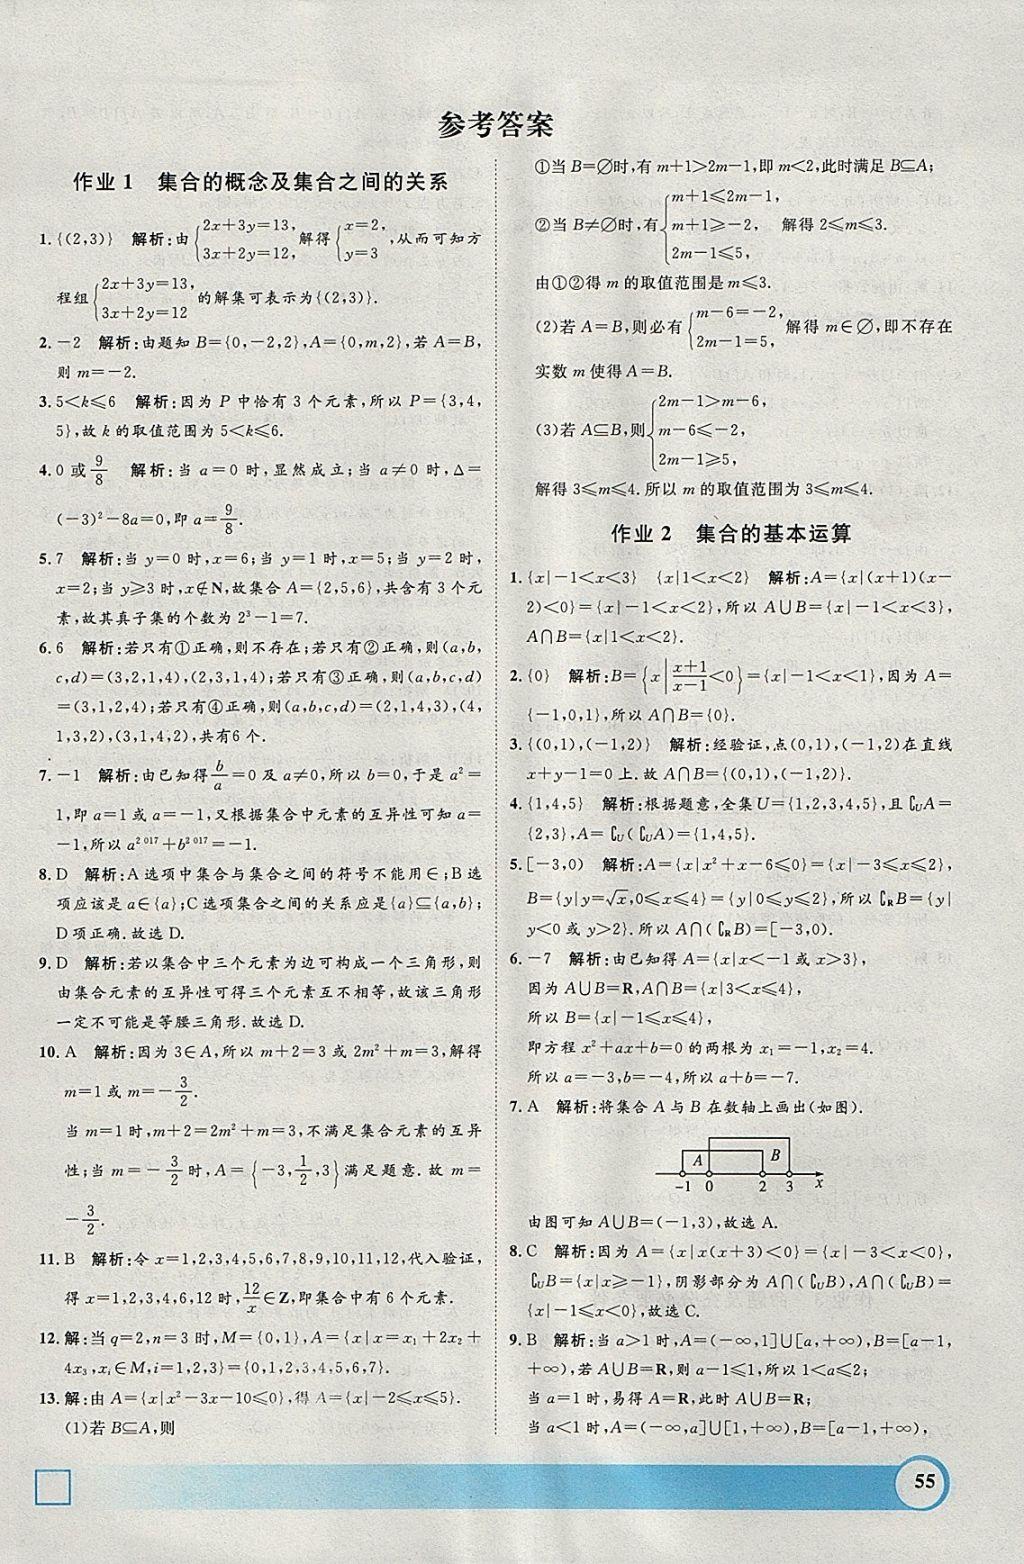 2018年钟书金牌寒假作业导与练高一年级数学上海专版参考答案第1页